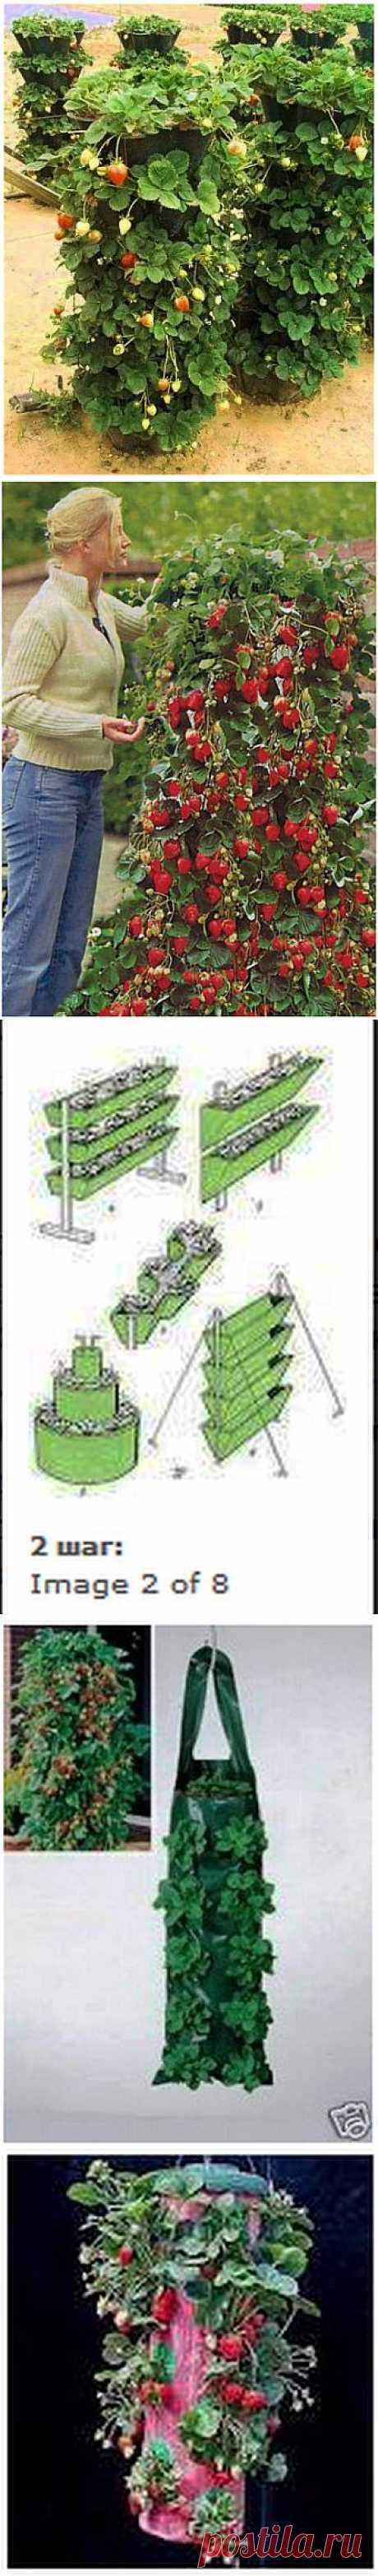 Как соорудить вертикальную грядку | Самоделкино